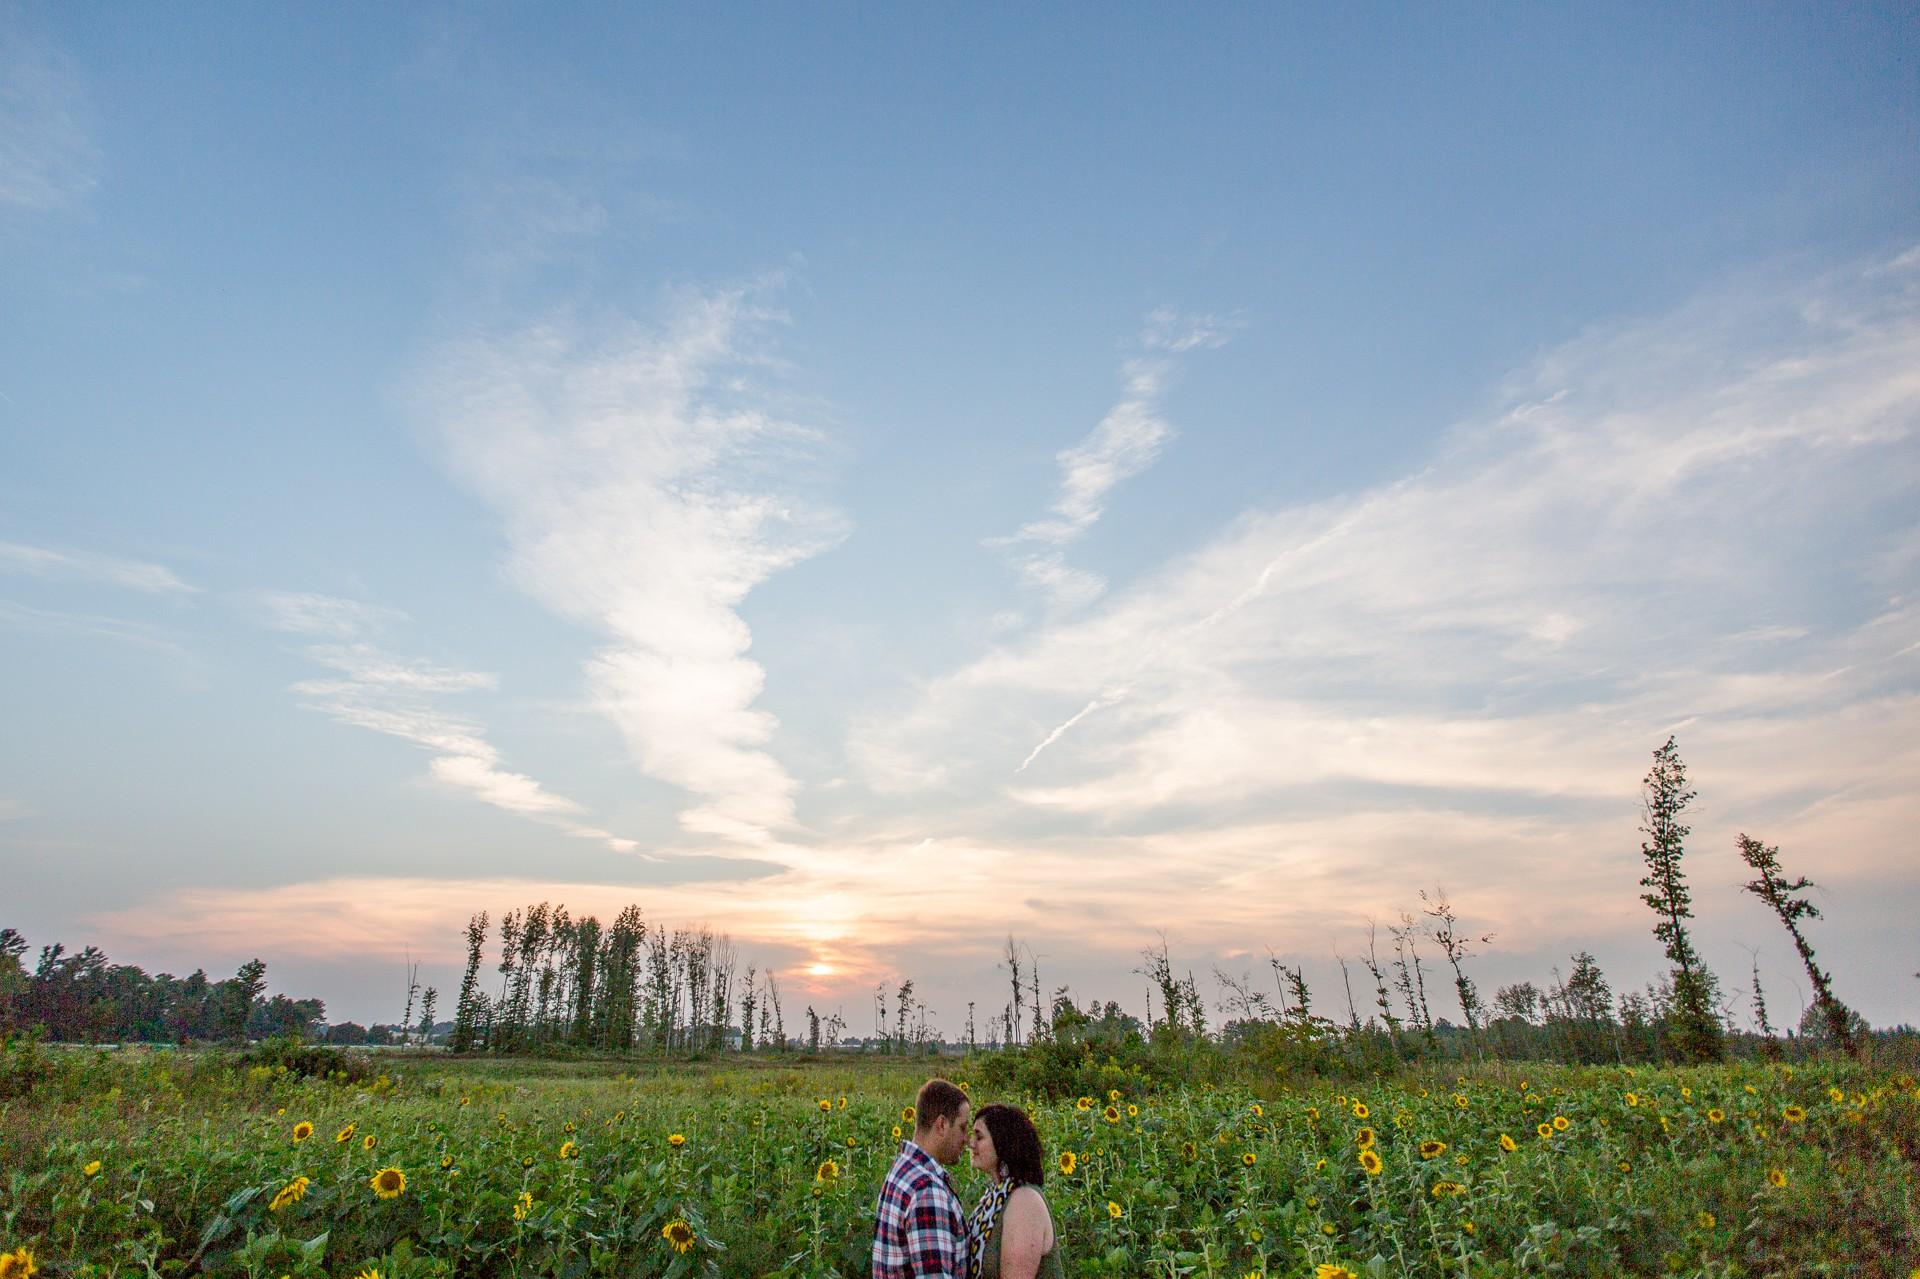 Cleveland Sunflower Field Photos-9.jpg